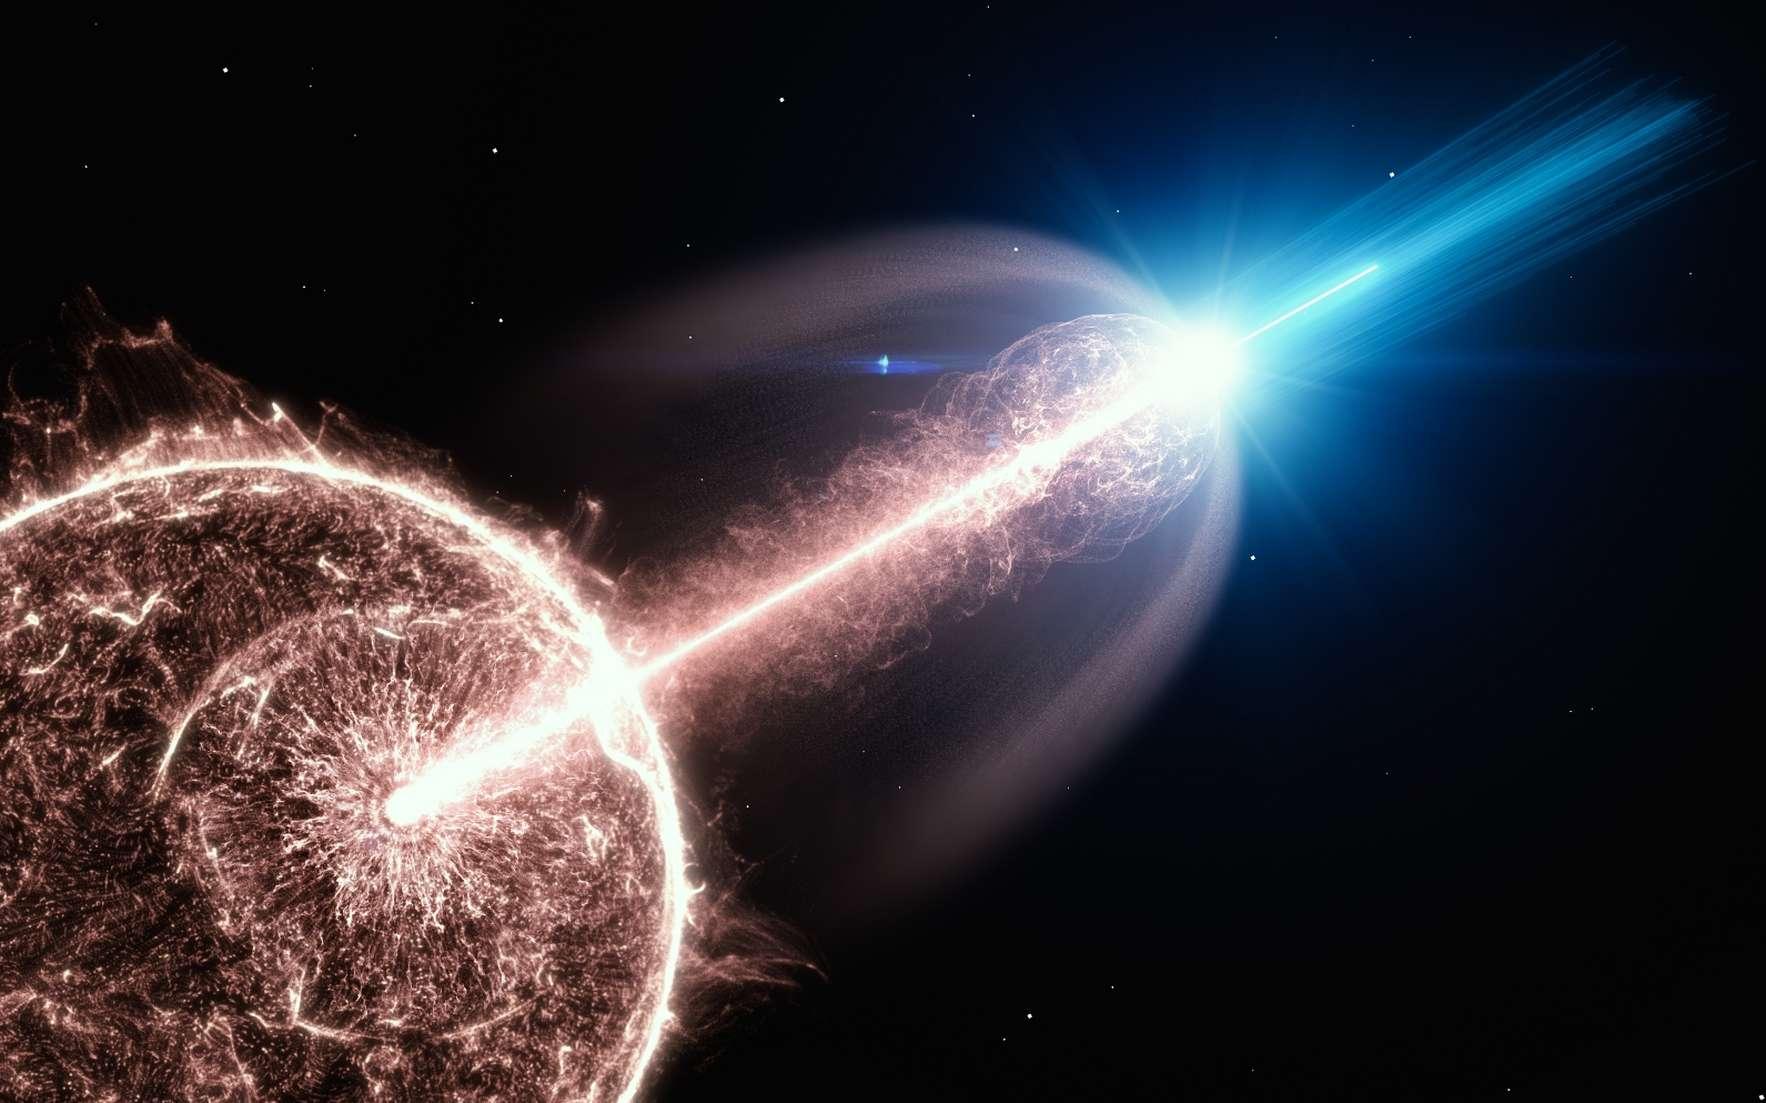 Vue d'artiste d'un jet relativiste d'un sursaut gamma (GRB), sortant d'une étoile en train de s'effondrer et émettant des photons de très hautes énergies. © DESY, Laboratoire de communication scientifique